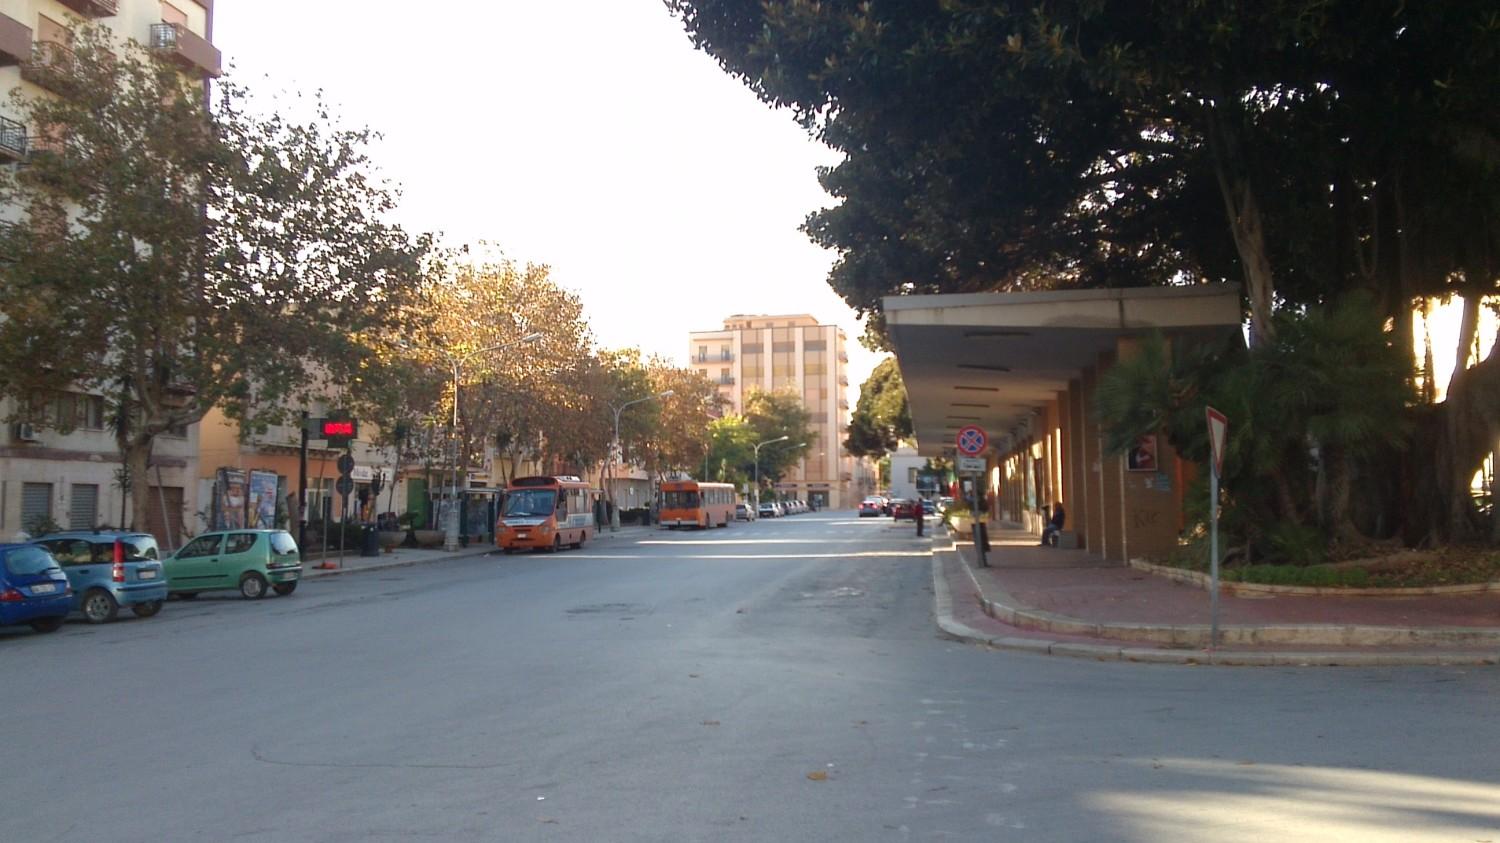 Autostazione Piazza del Popolo